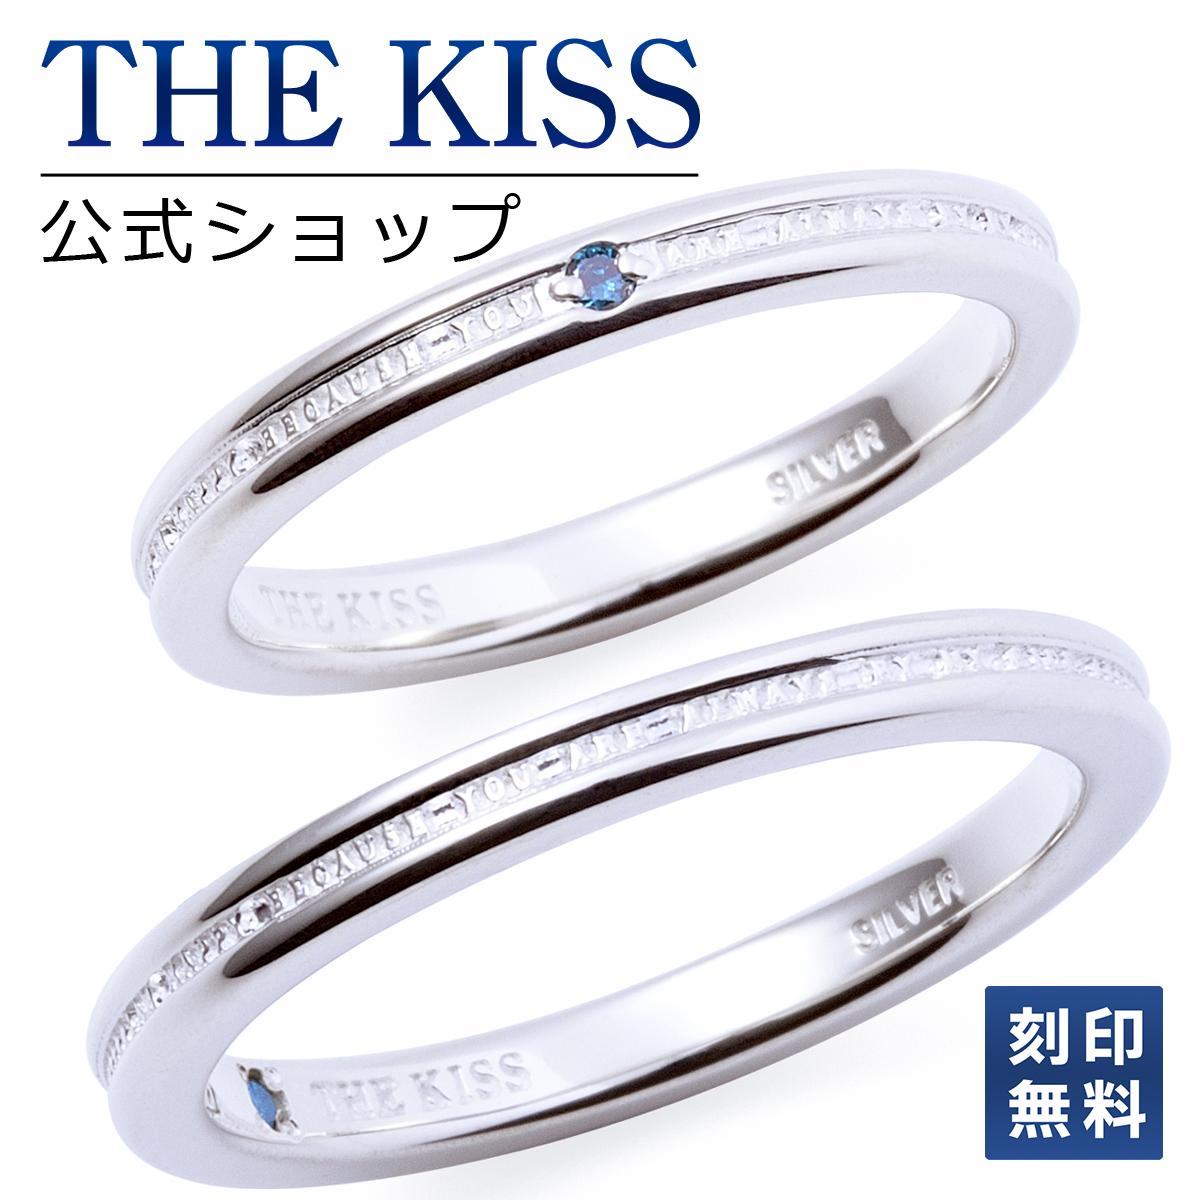 【刻印可_10文字】【あす楽対応】THE KISS 公式サイト シルバー ペアリング ダイヤモンド ペアアクセサリー カップル に 人気 の ジュエリーブランド THEKISS ペア リング・指輪 記念日 プレゼント SR2021BDM-2022BDM セット シンプル ザキス 【送料無料】